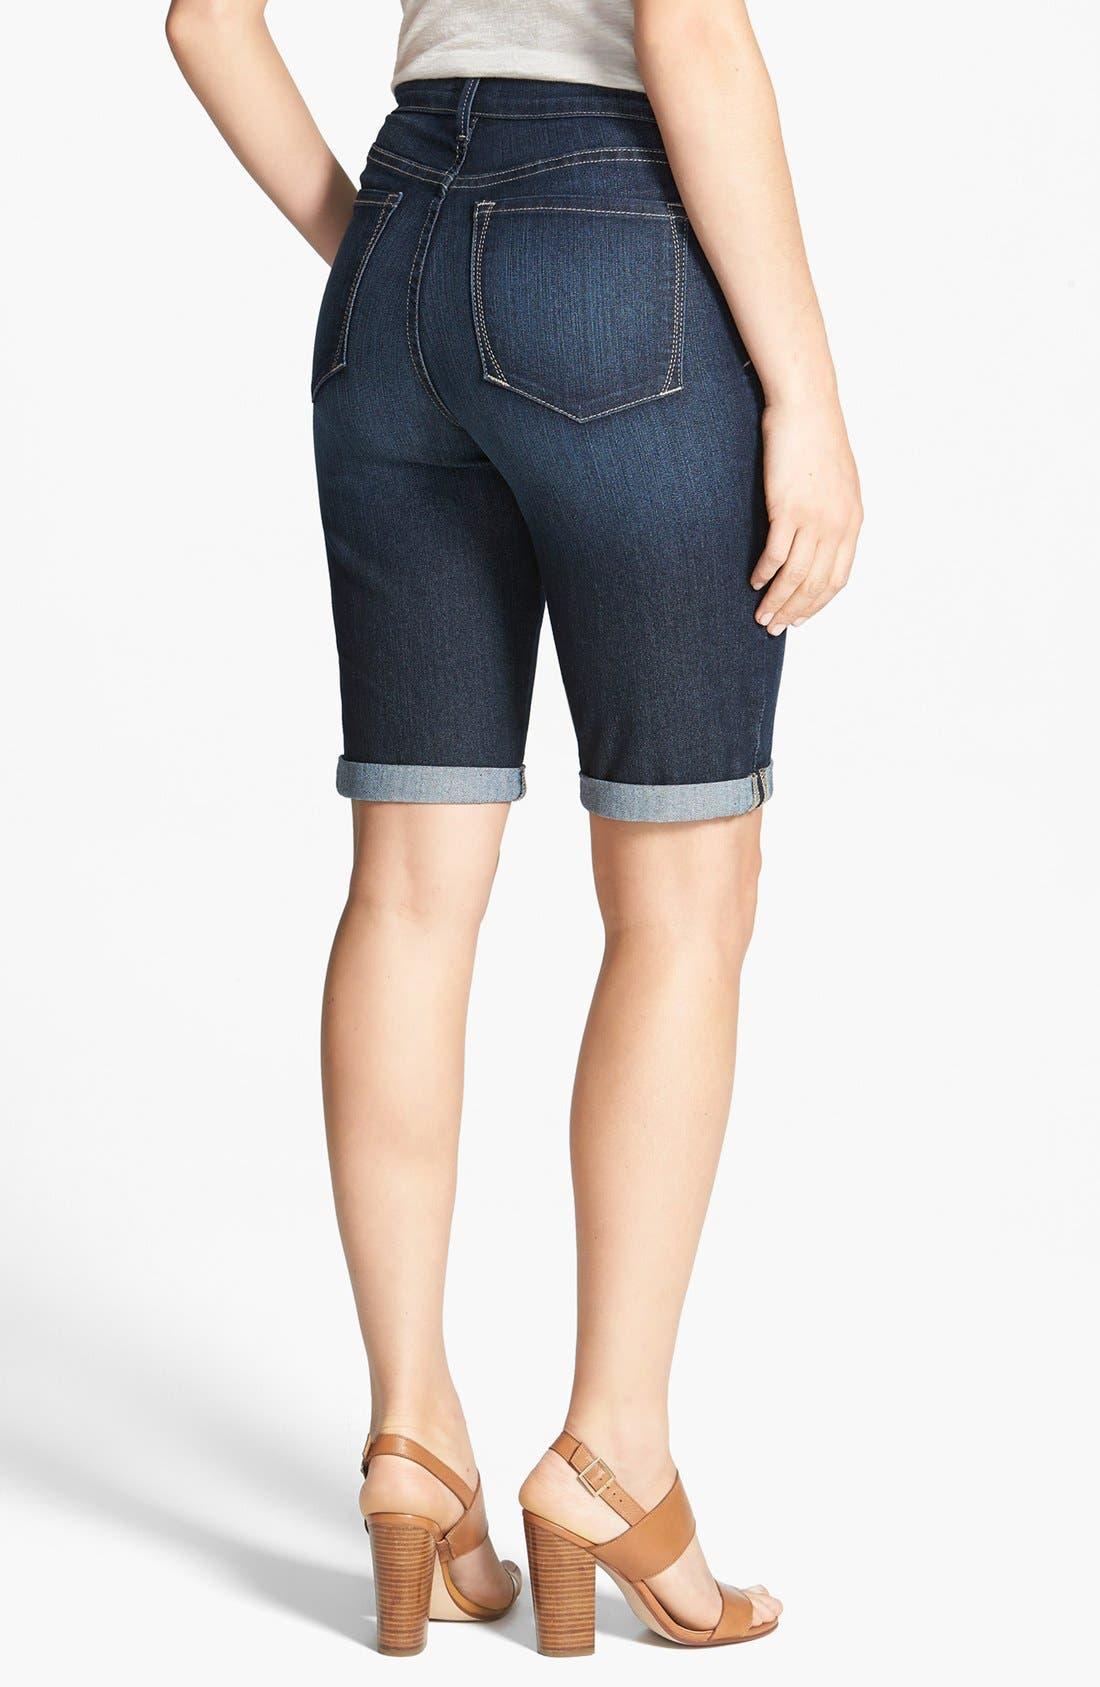 Alternate Image 2  - NYDJ 'Briella' Cuff Stretch Denim Shorts (Regular & Petite)